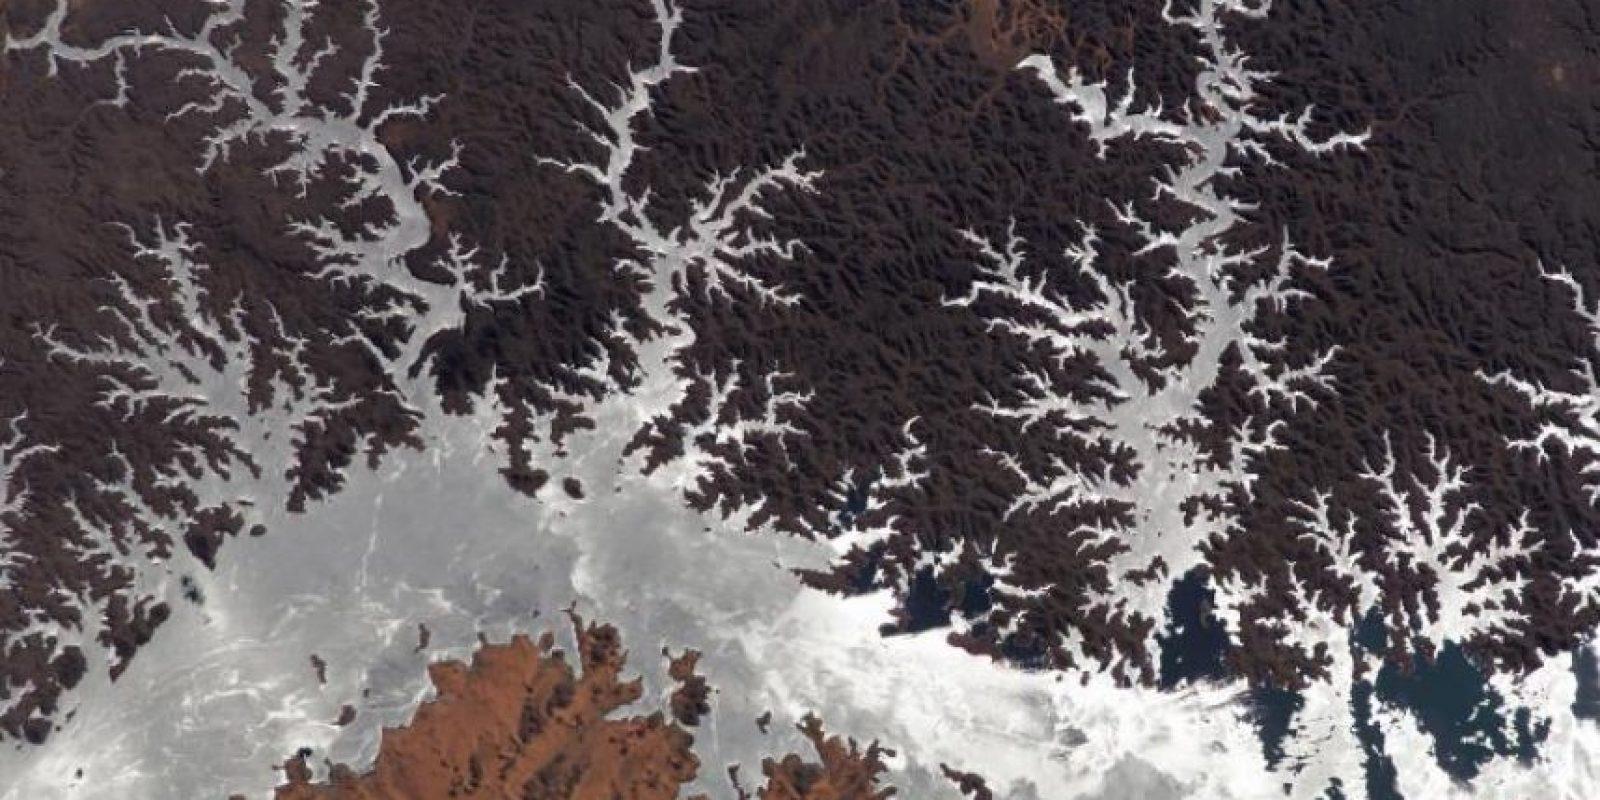 Lago Nasser, Egipto, fotografiado en 2005 por la Estación Espacial Internacional Foto:NASA